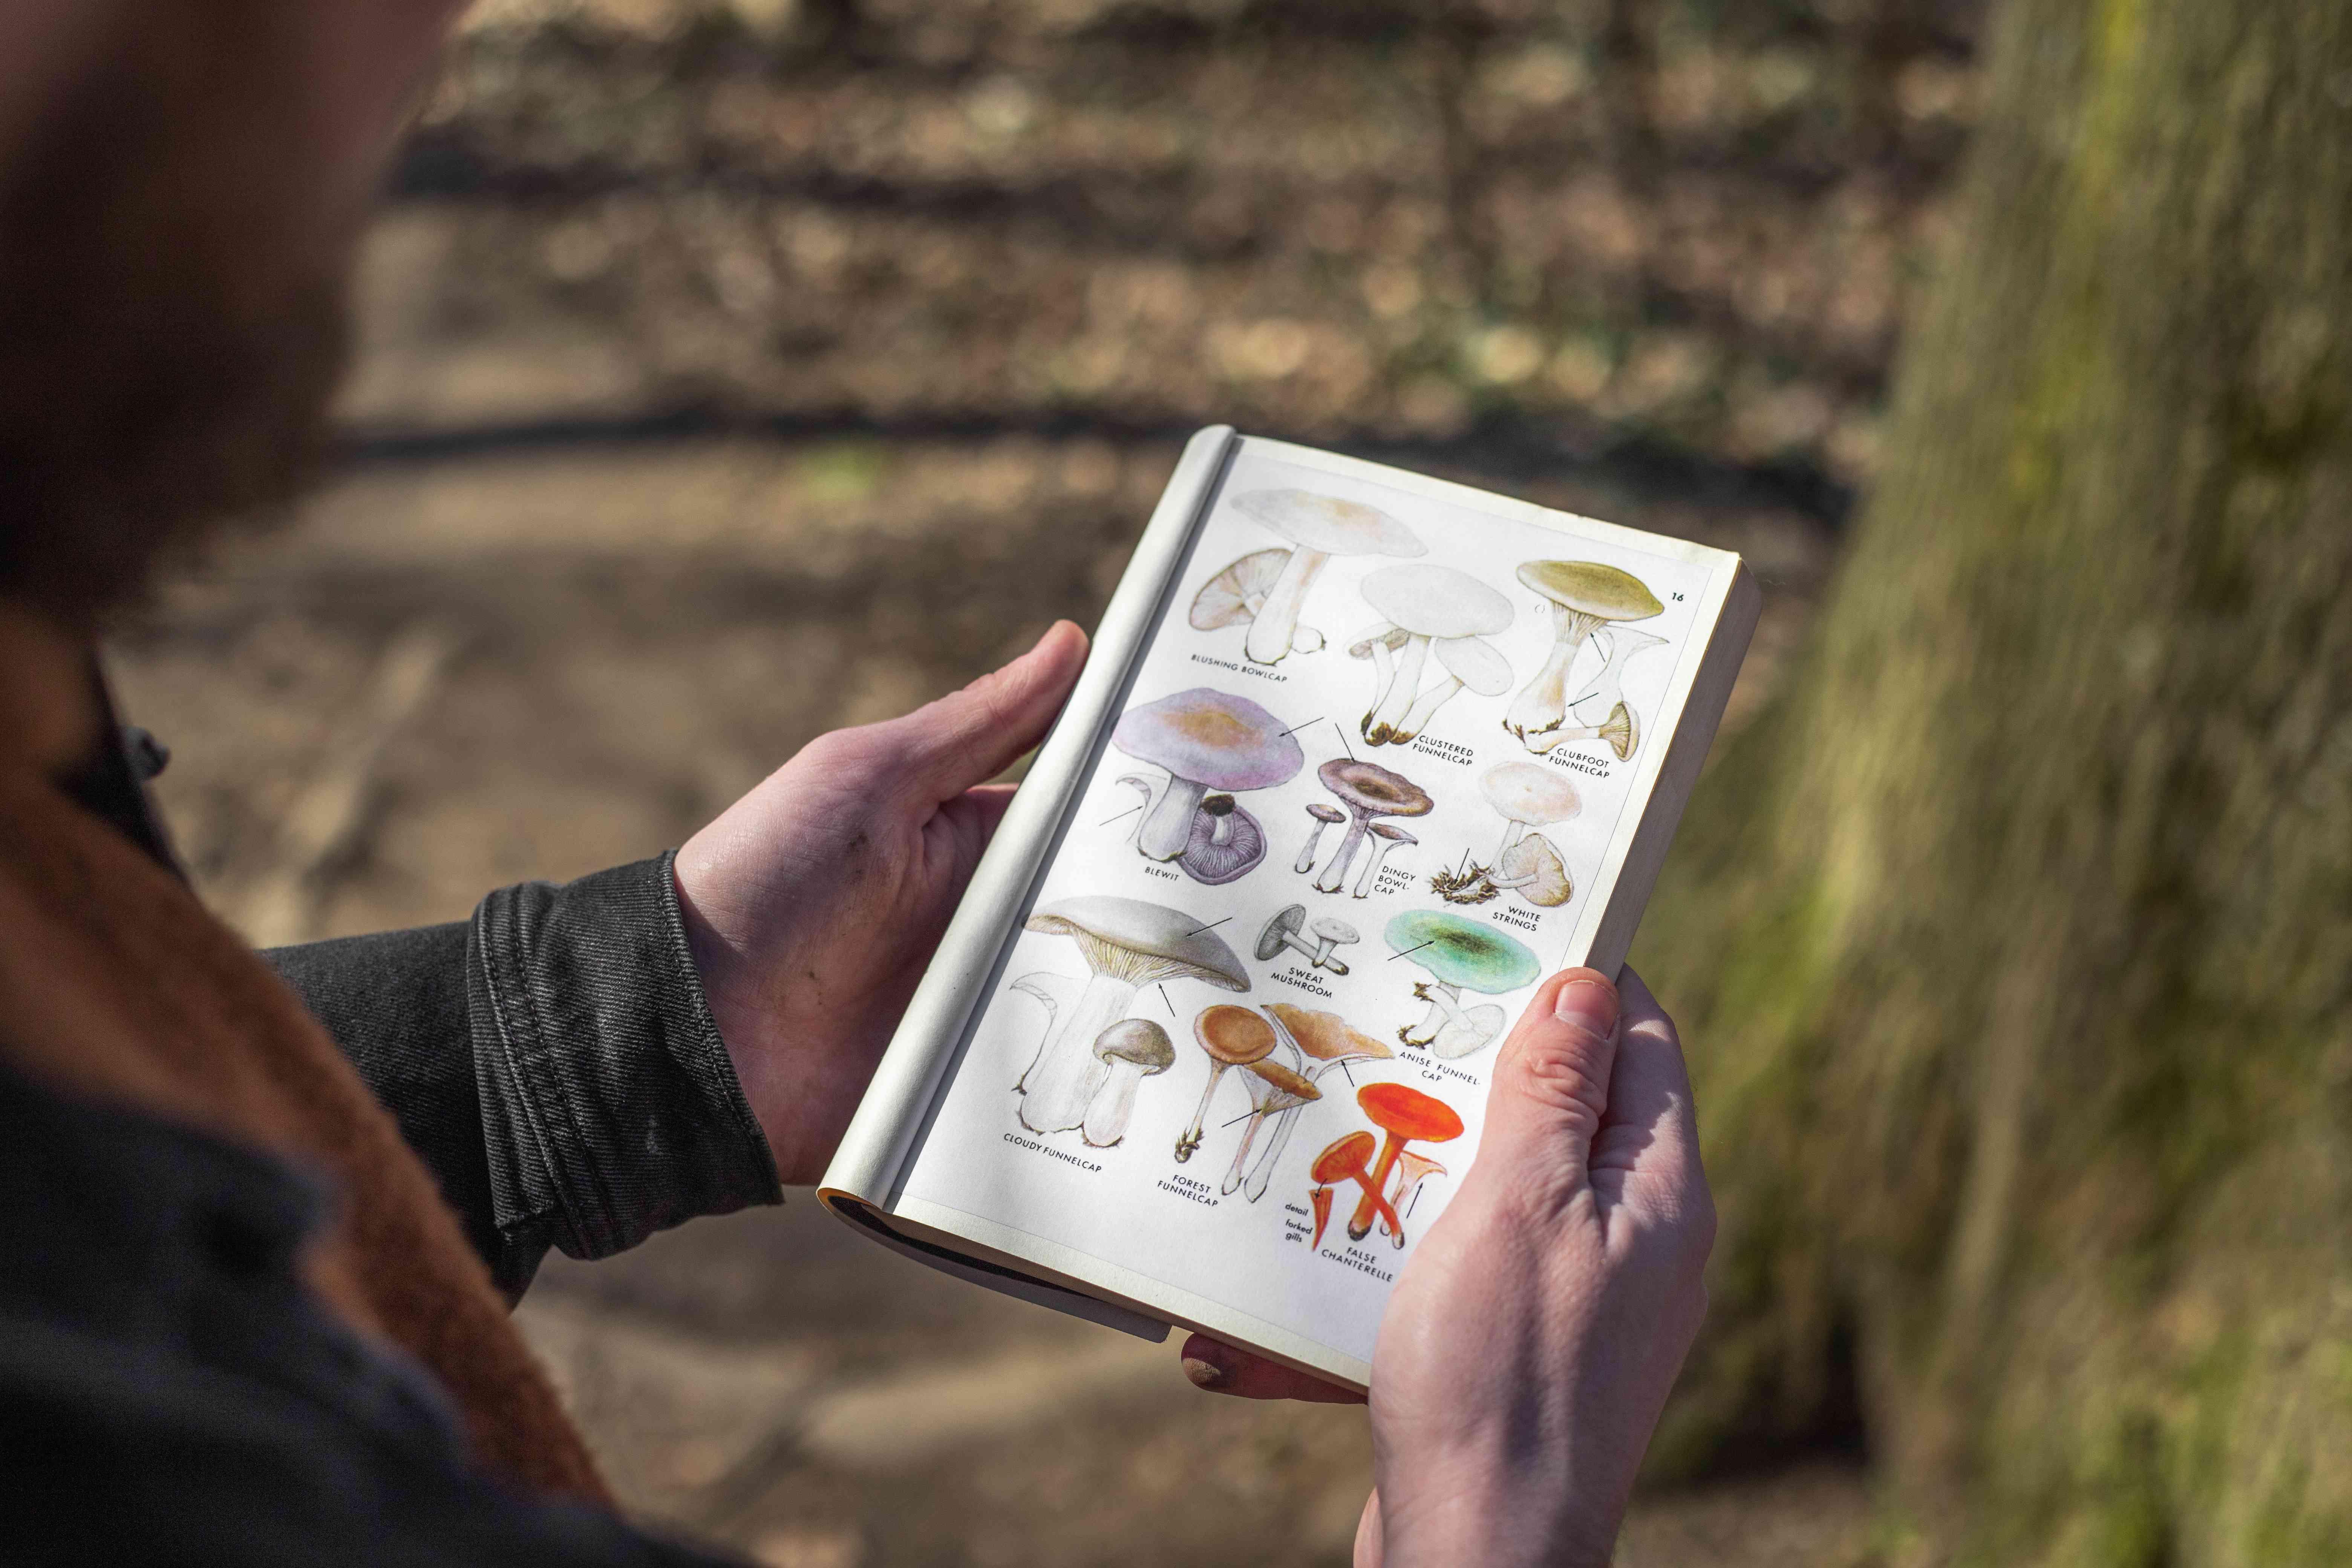 over the shoulder shot of a mushroom identifying book in hands of walker